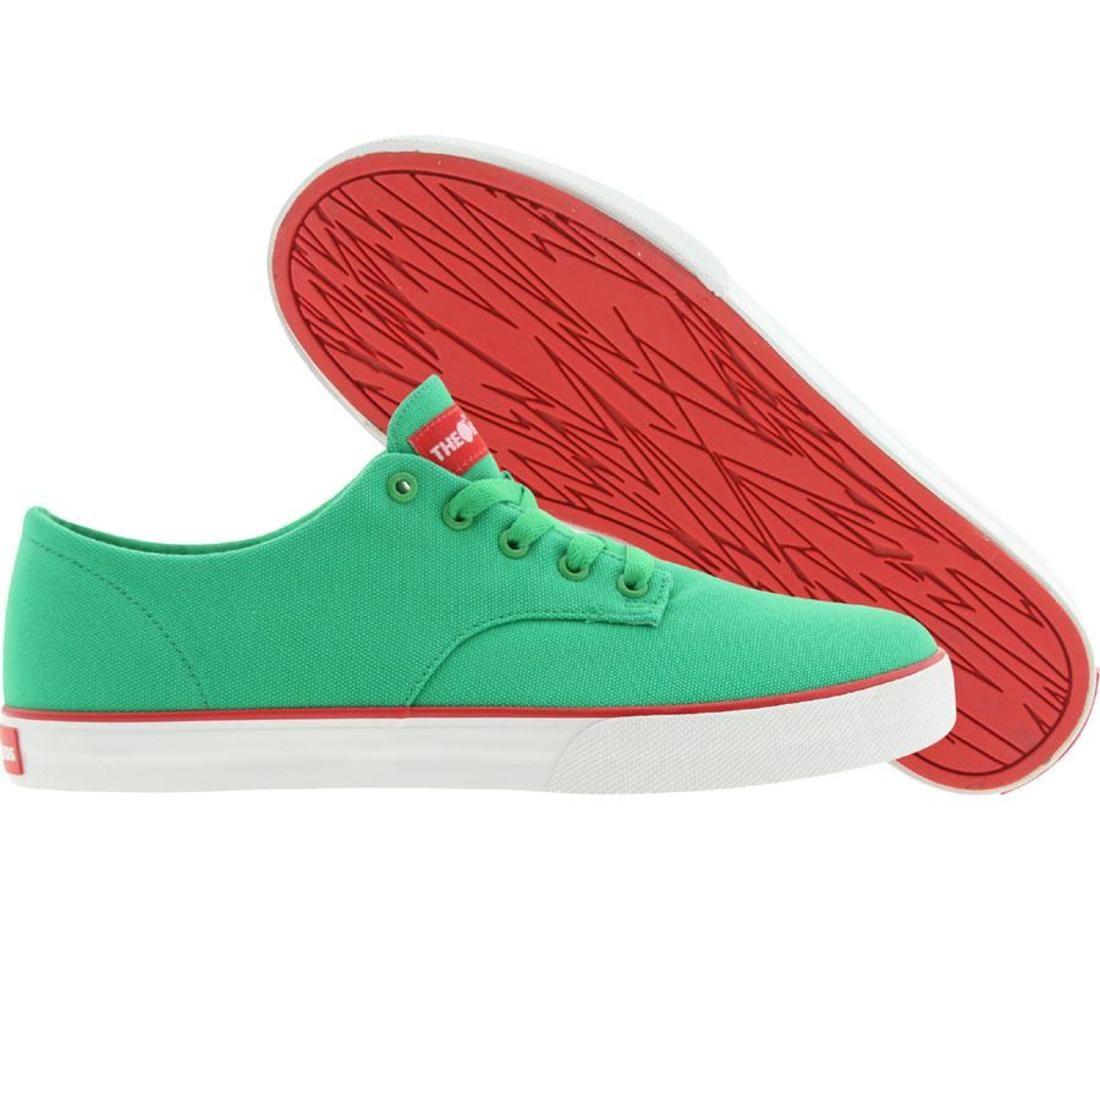 ジョンソン スニーカー メンズ 【 The Hundreds Johnson Low Canvas (green / Red) 】 Green / Red